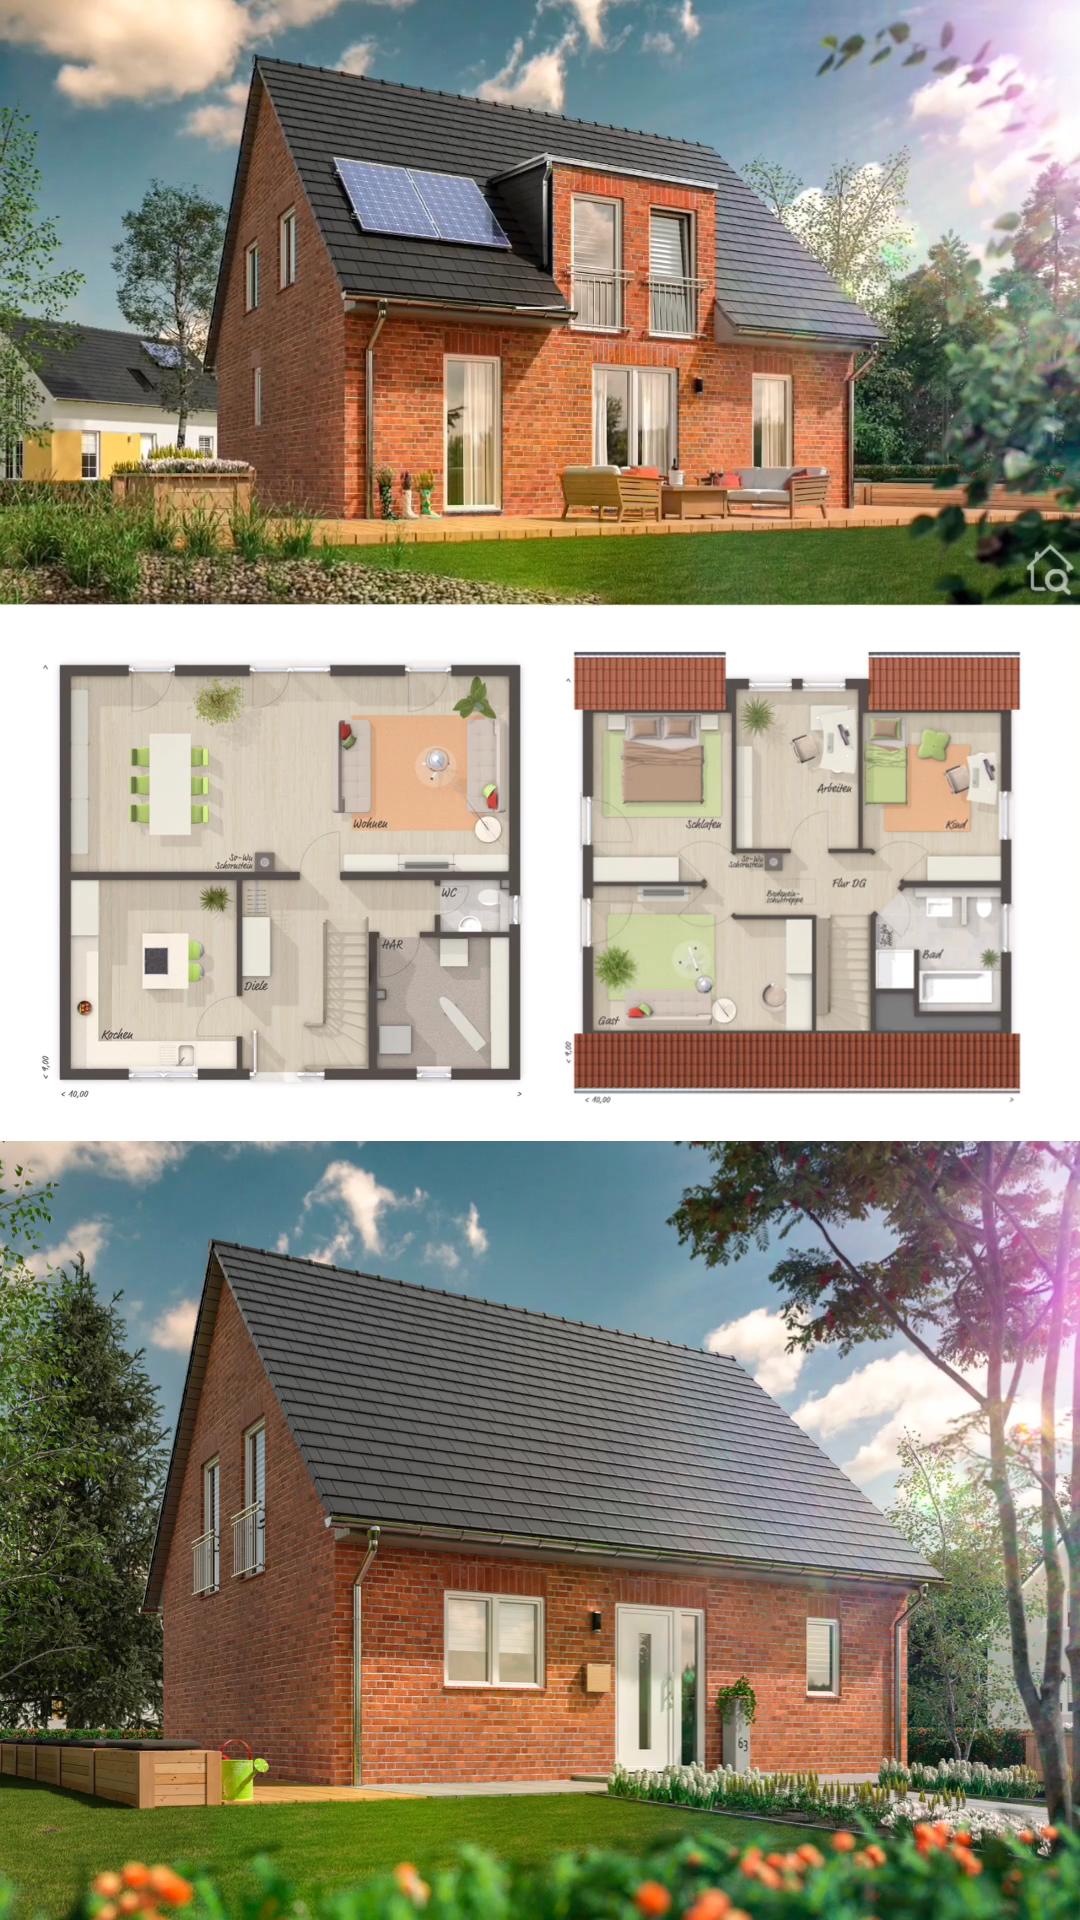 Photo of Einfamilienhaus mit klassischem Satteldach & Klinker Fassade, Haus Ideen mit 5 Zimmer Grundriss